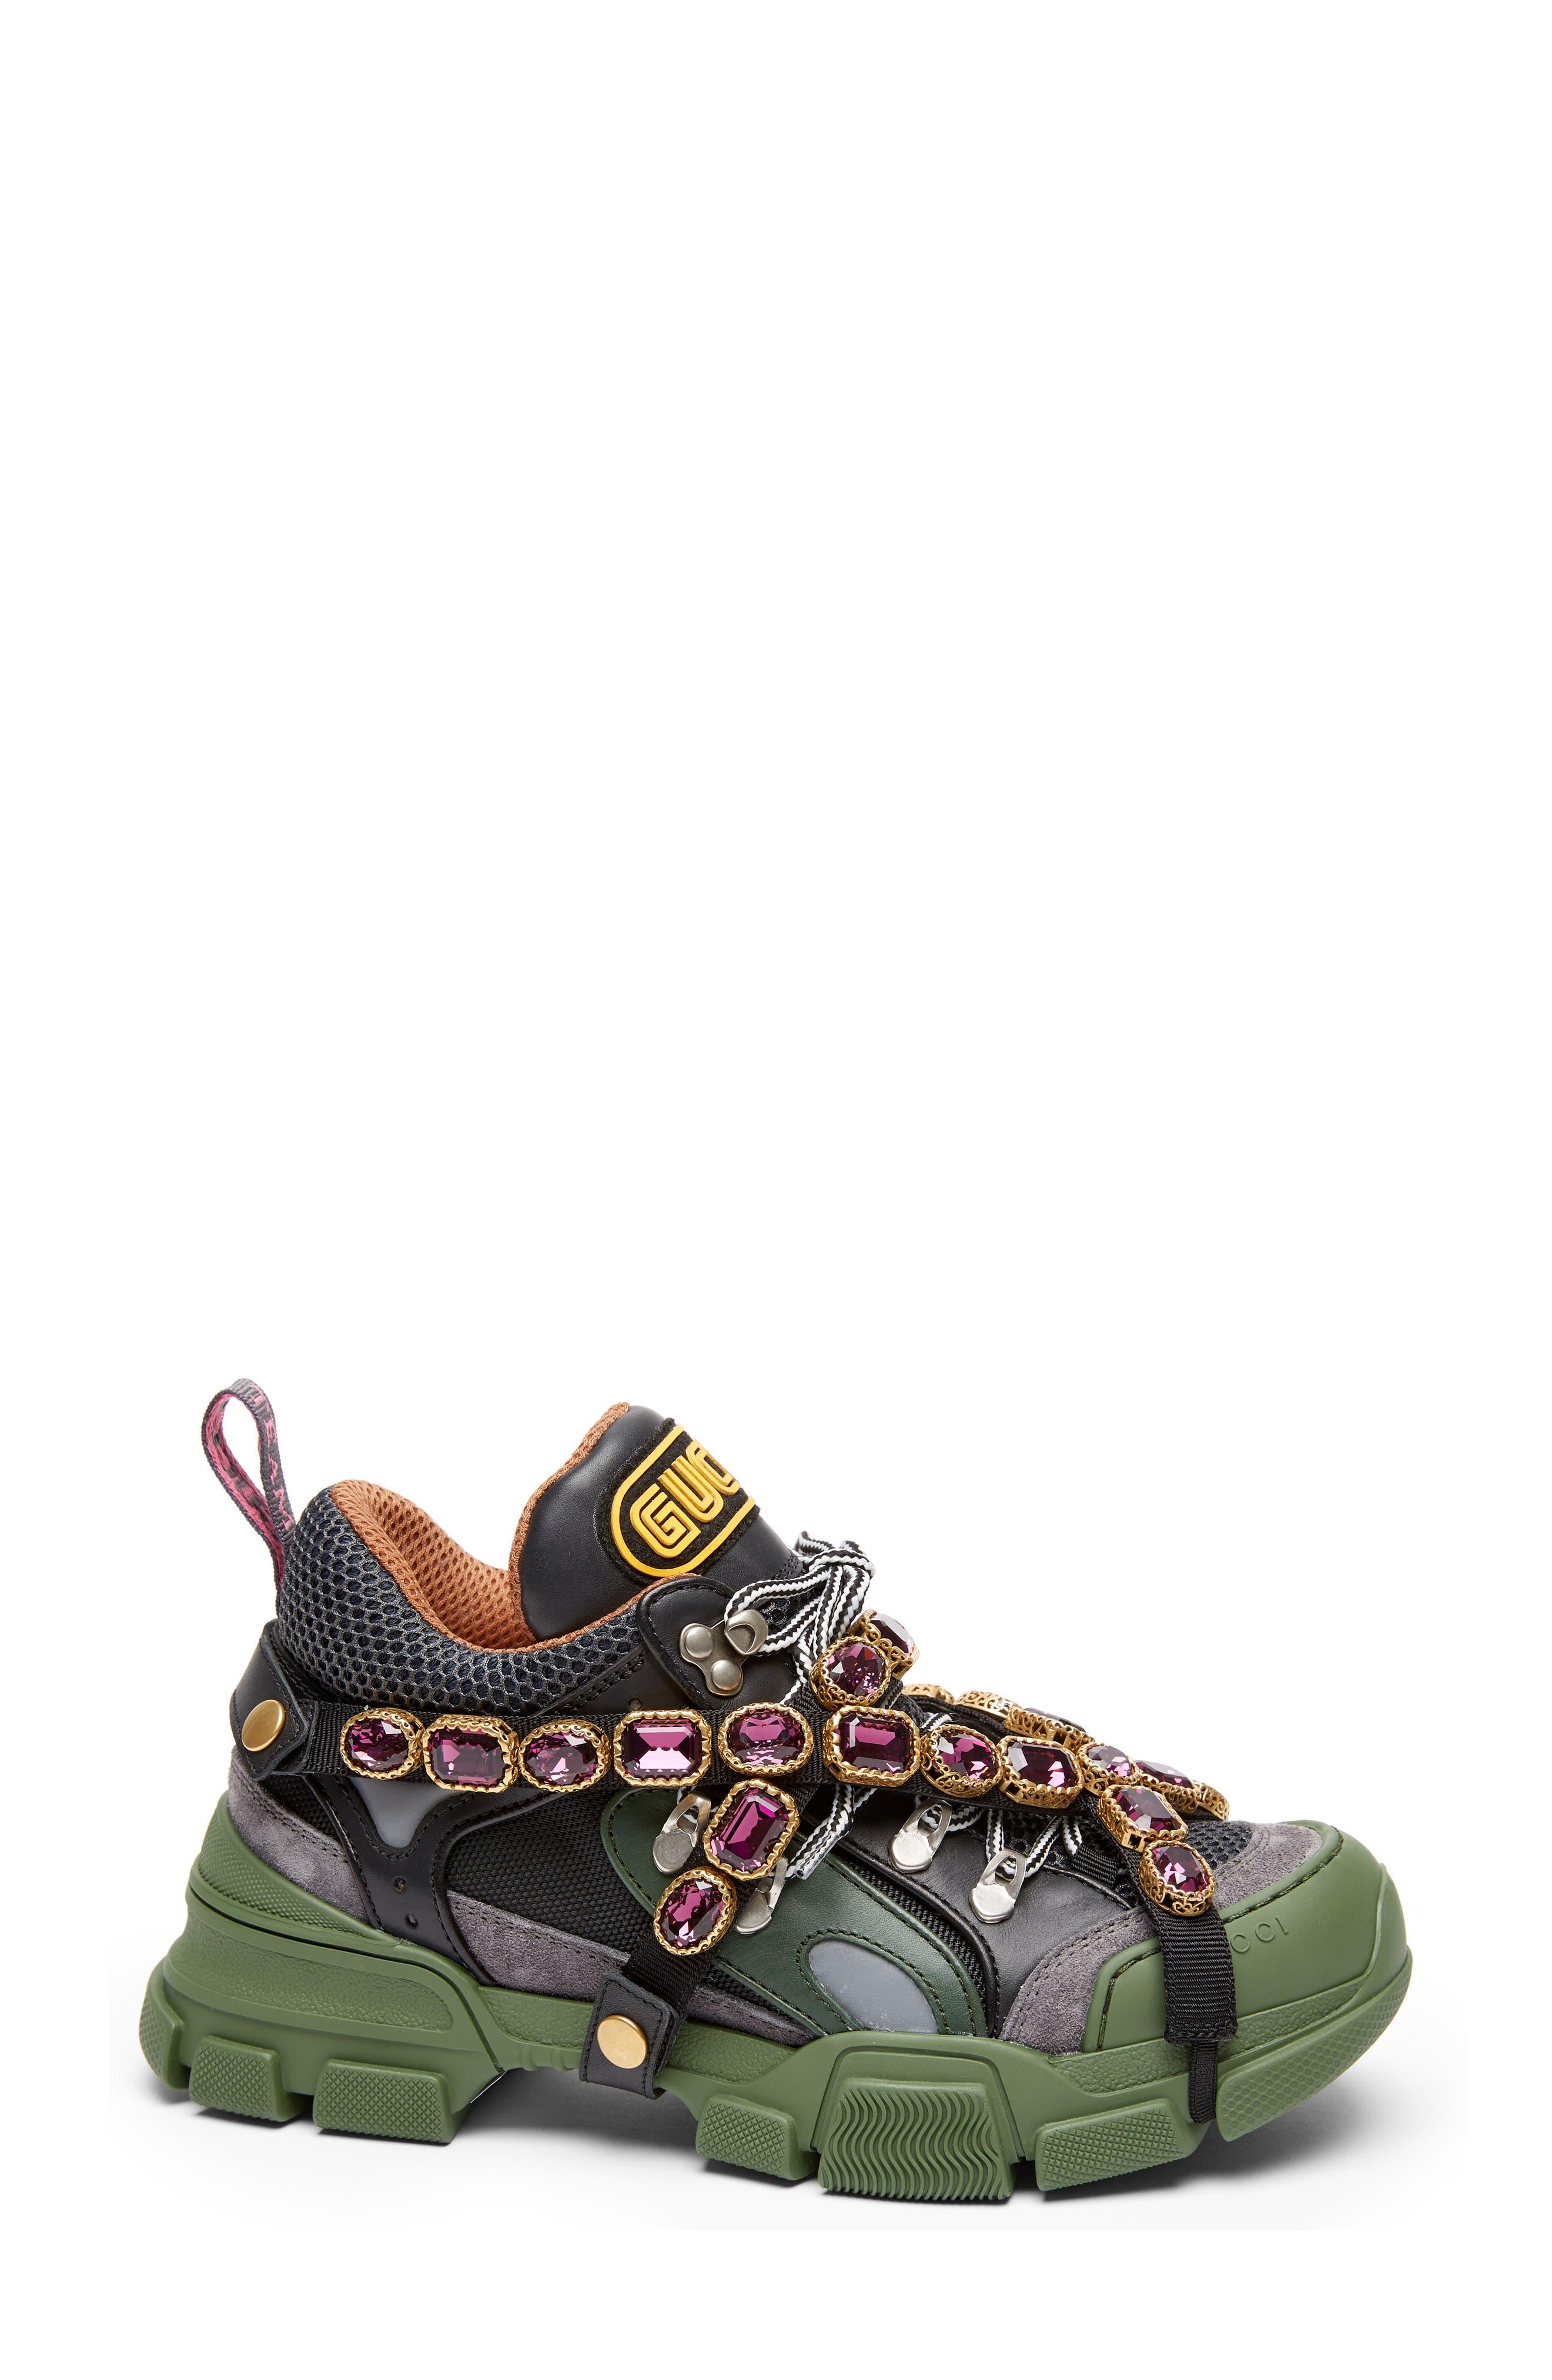 Flashtrek Jewel Sneaker,                         Main,                         color, GREEN/ GREY/ RED